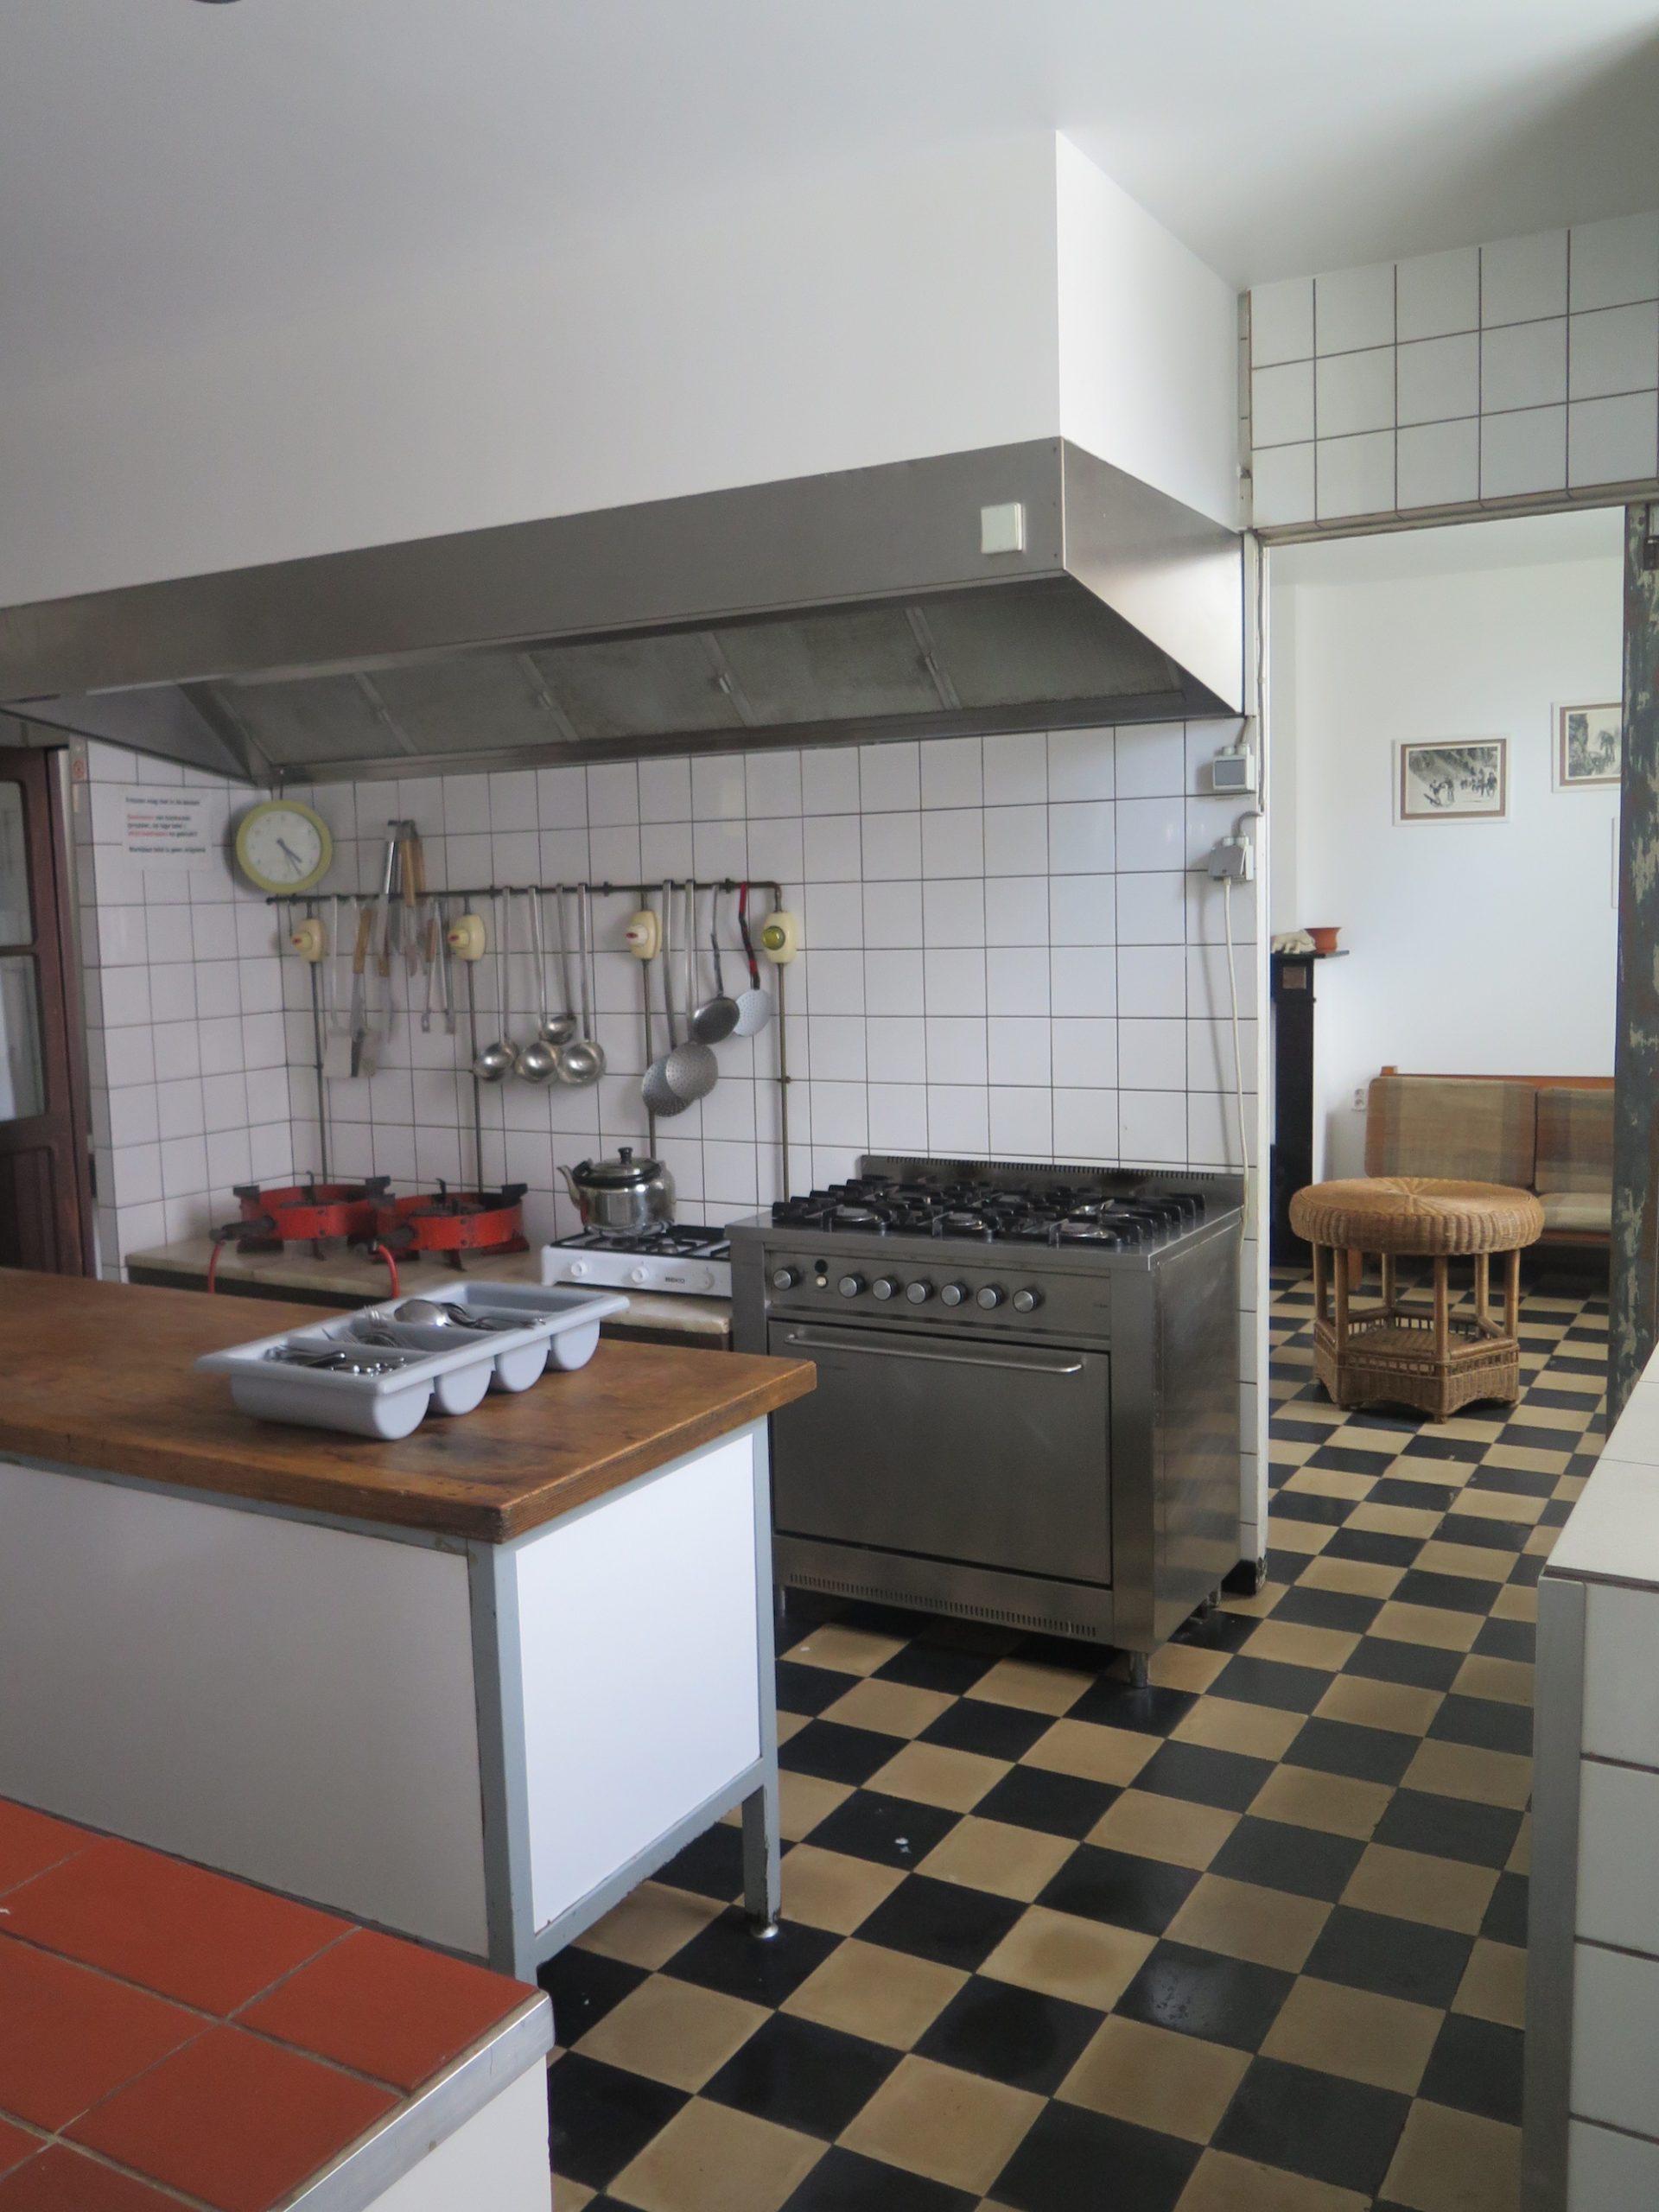 Liedericq de keuken - self catering